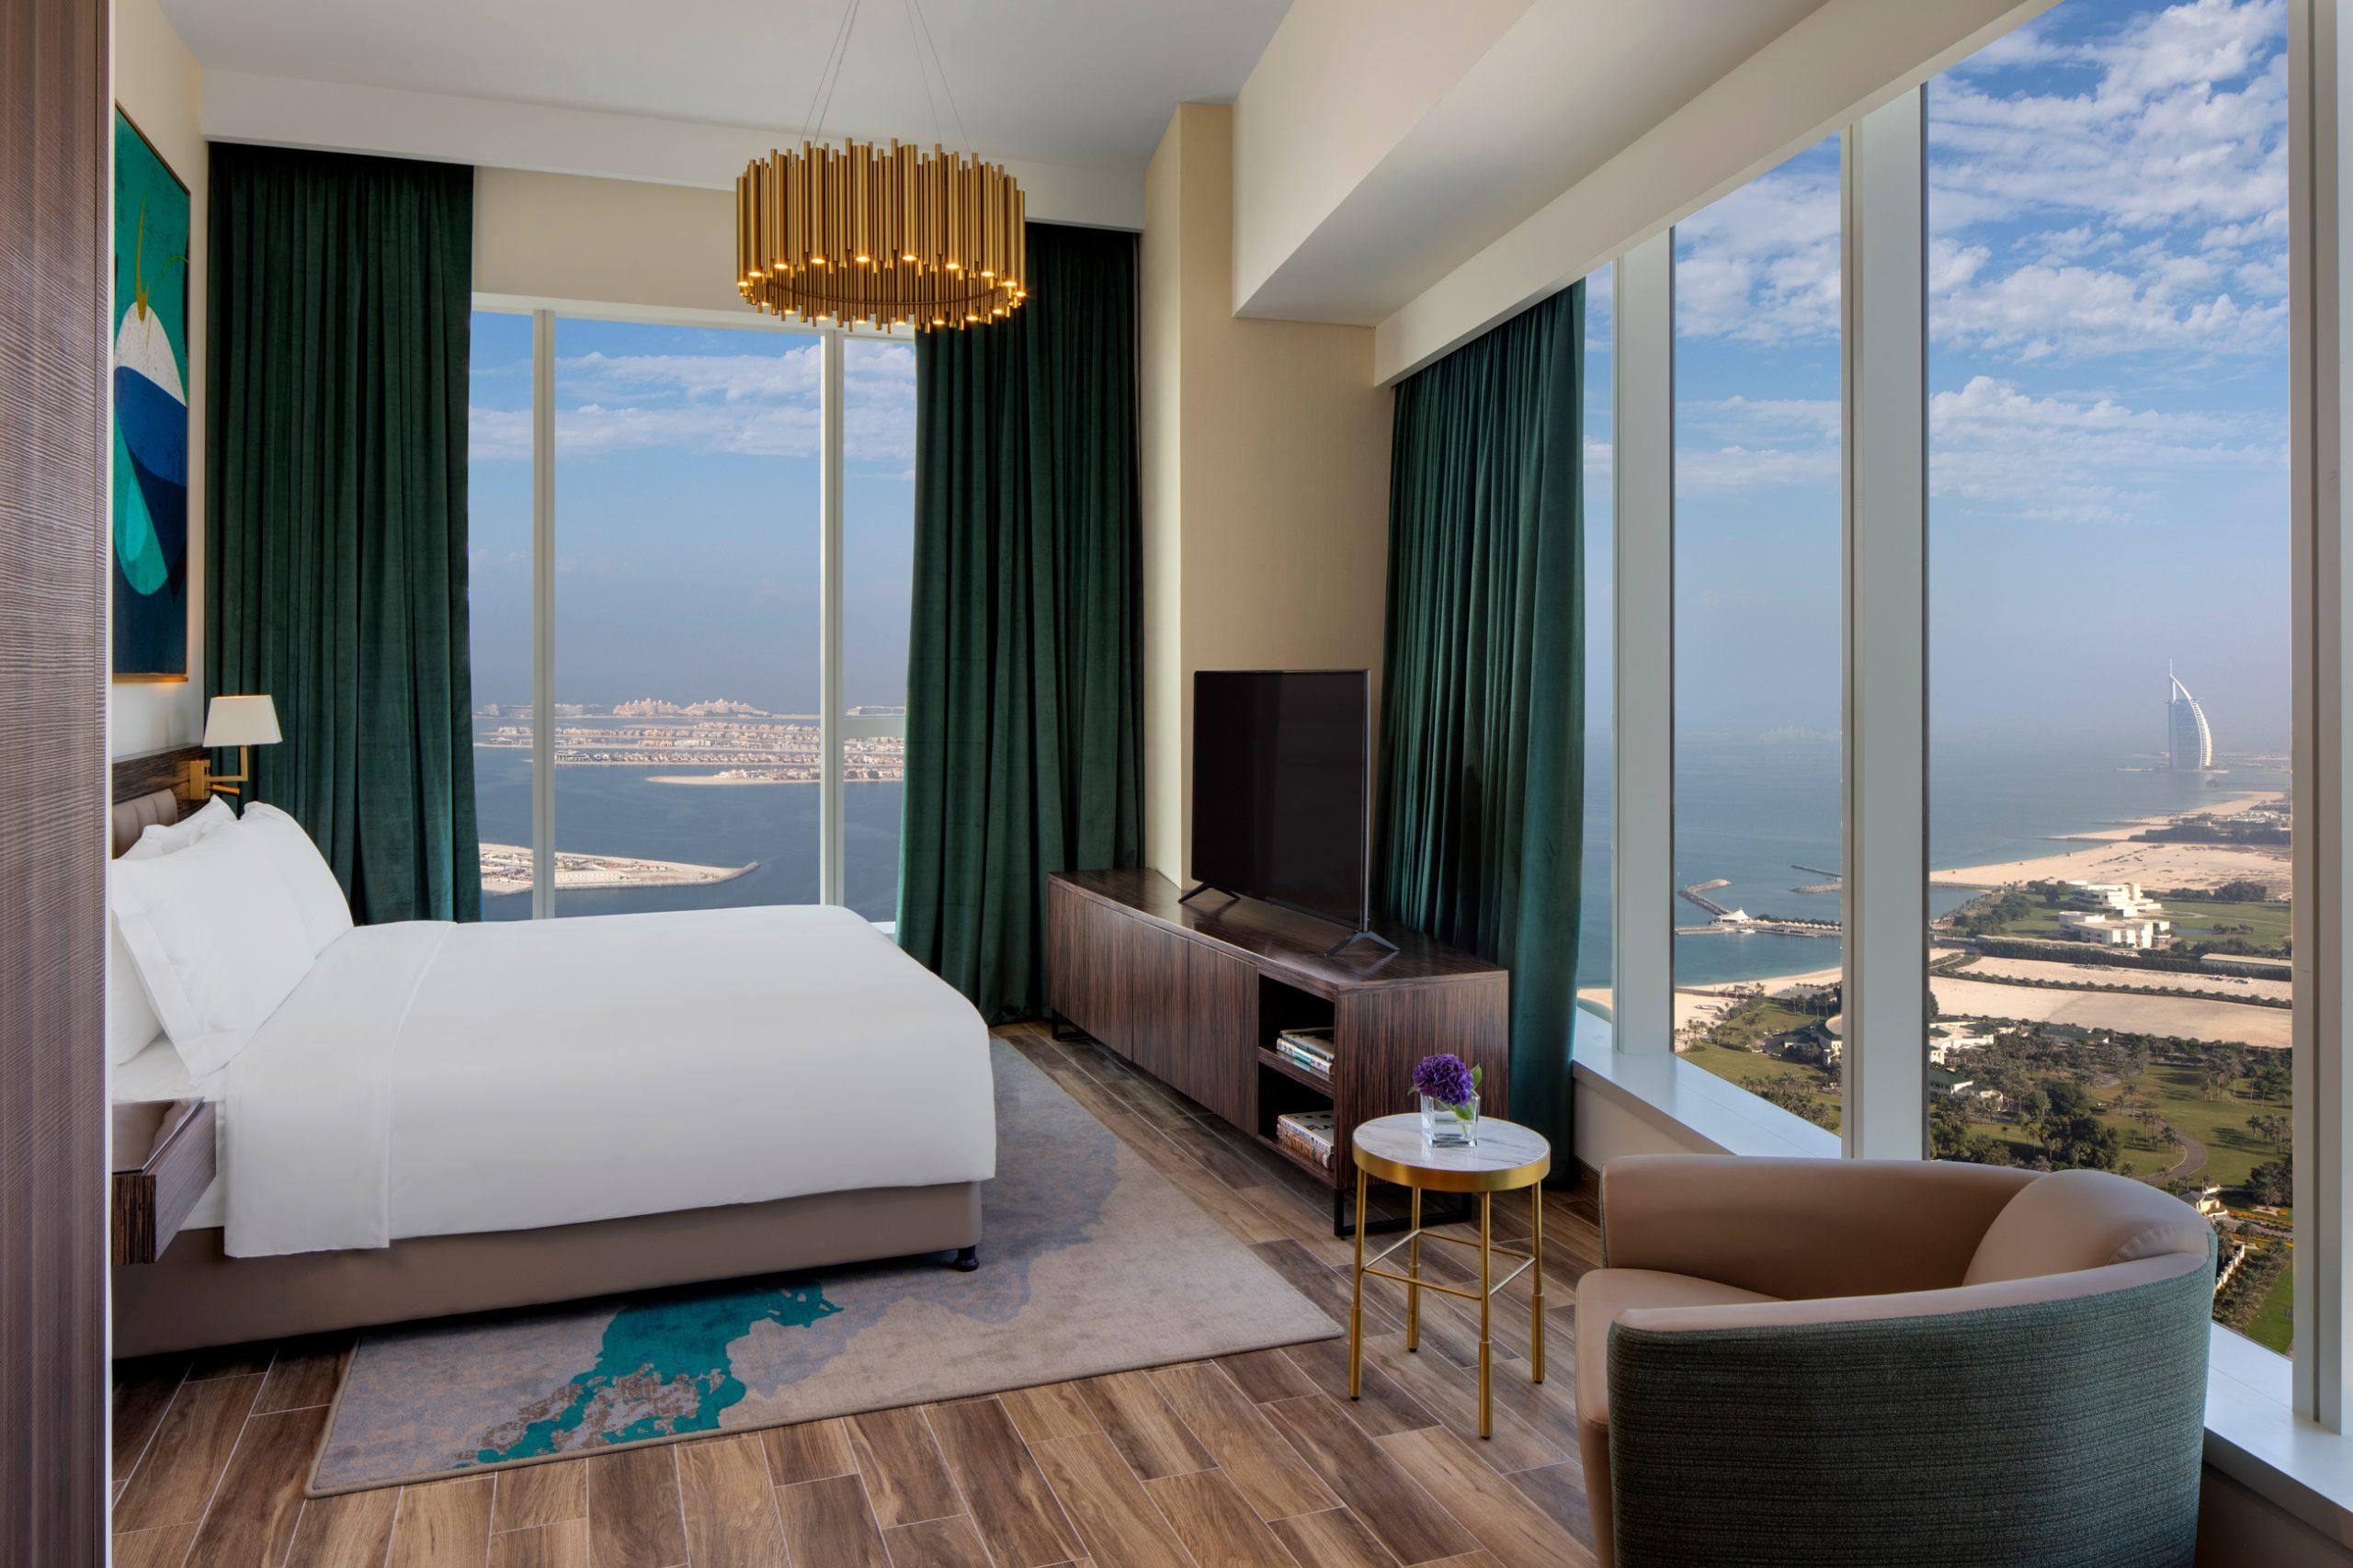 فندق وأجنحة أڤاني بالم ڤيو دبي